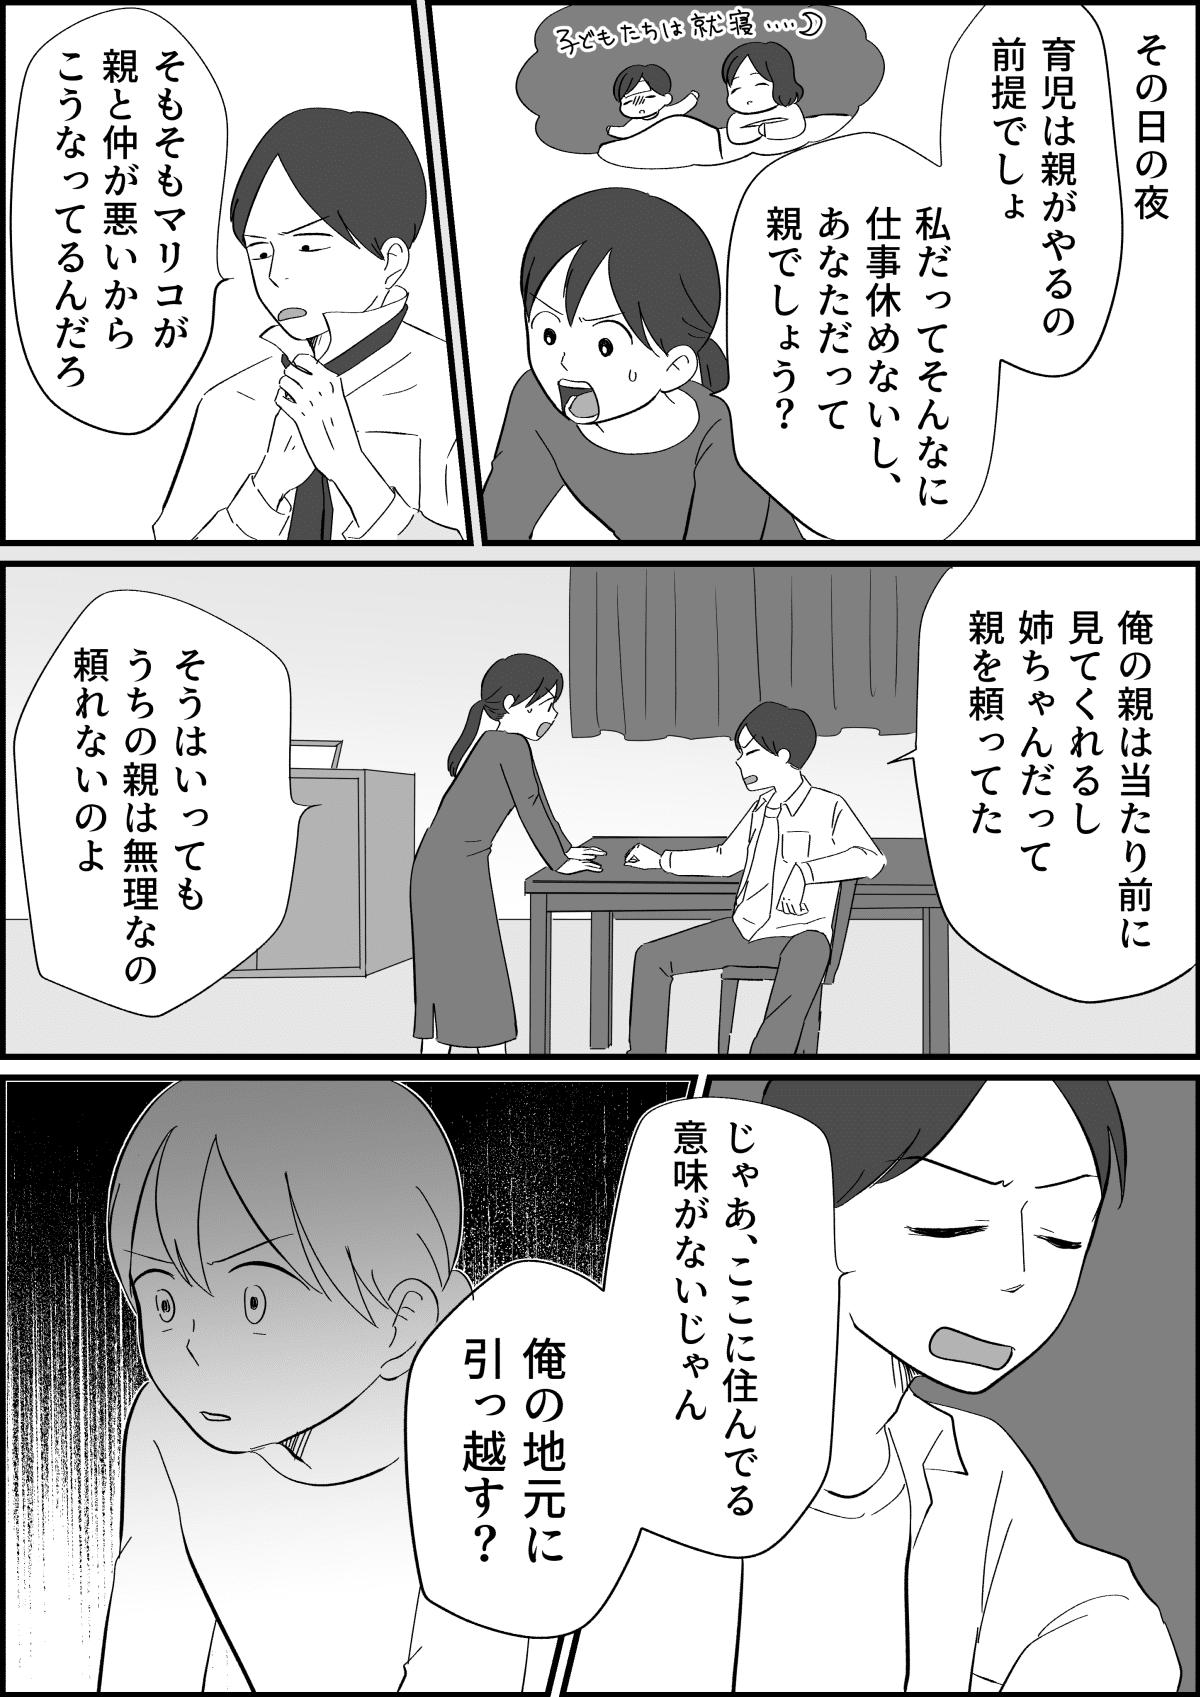 【前編】「俺じゃなくて実母を頼れ!」